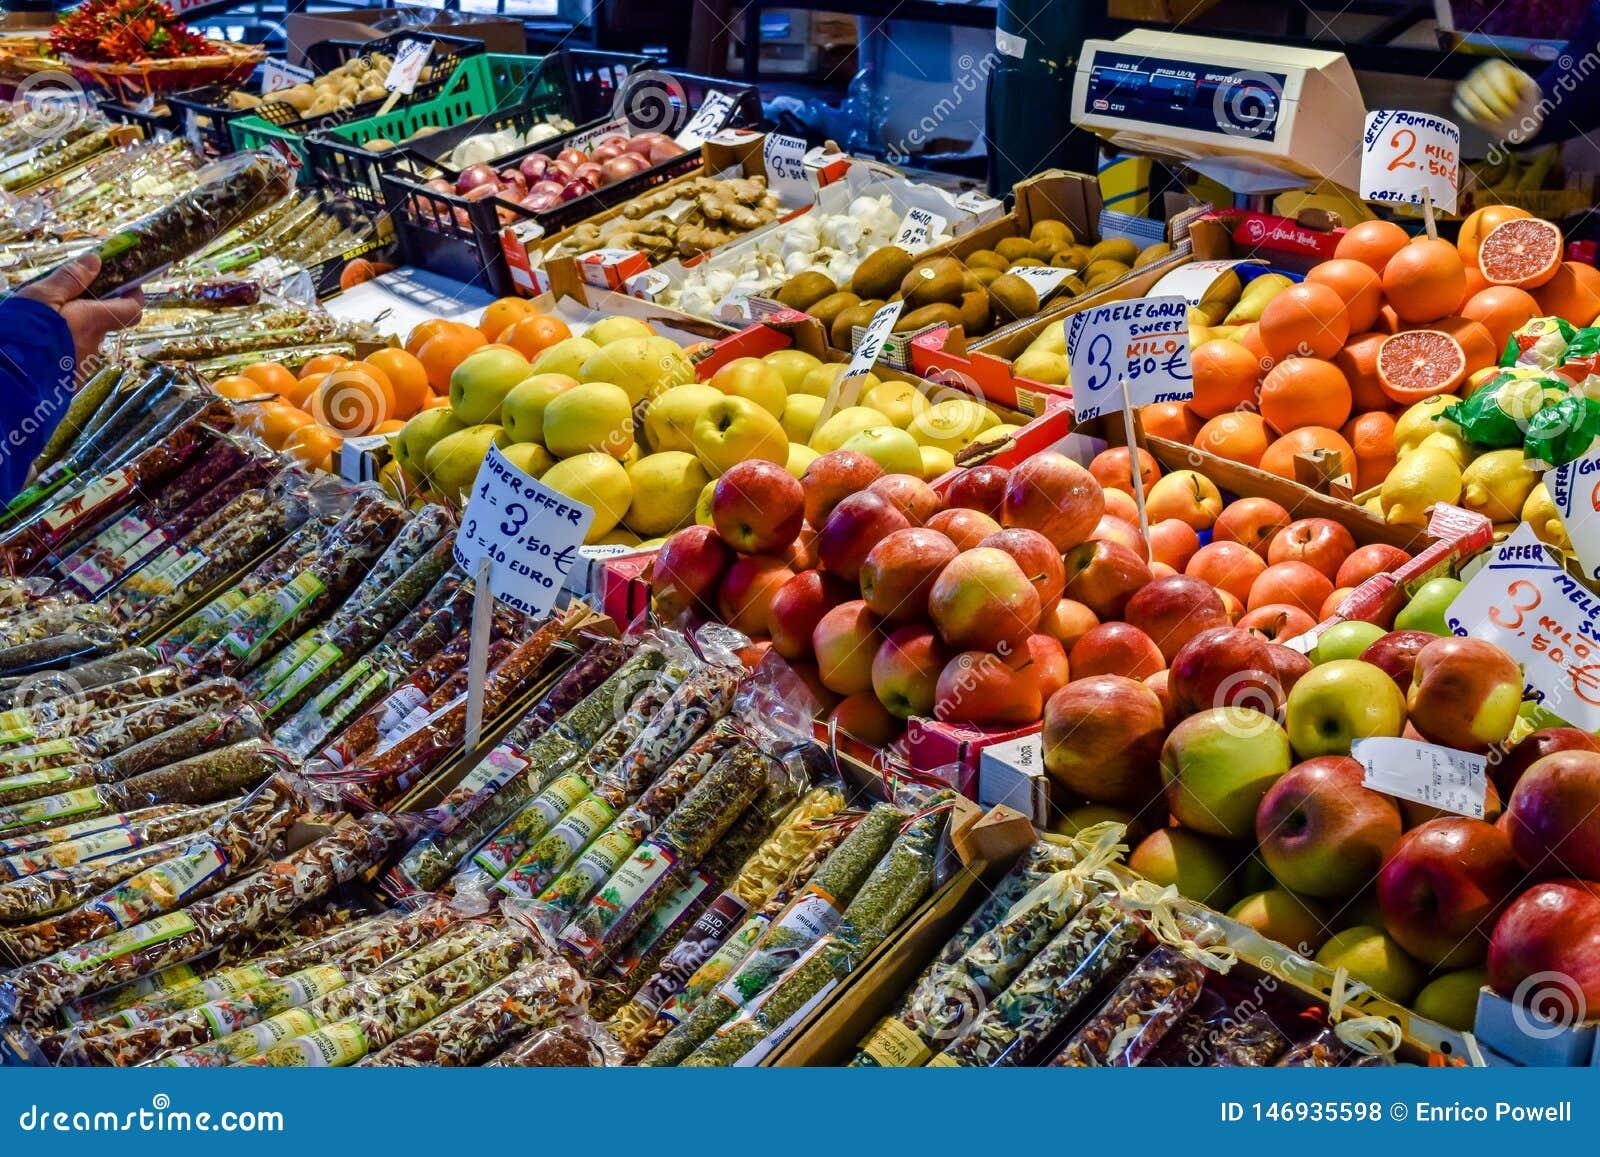 Äpfel, Orangen, Kiwi und andere Früchte und Gewürze auf Anzeige für Verkauf an Rialto-Markt in Venedig, Italien